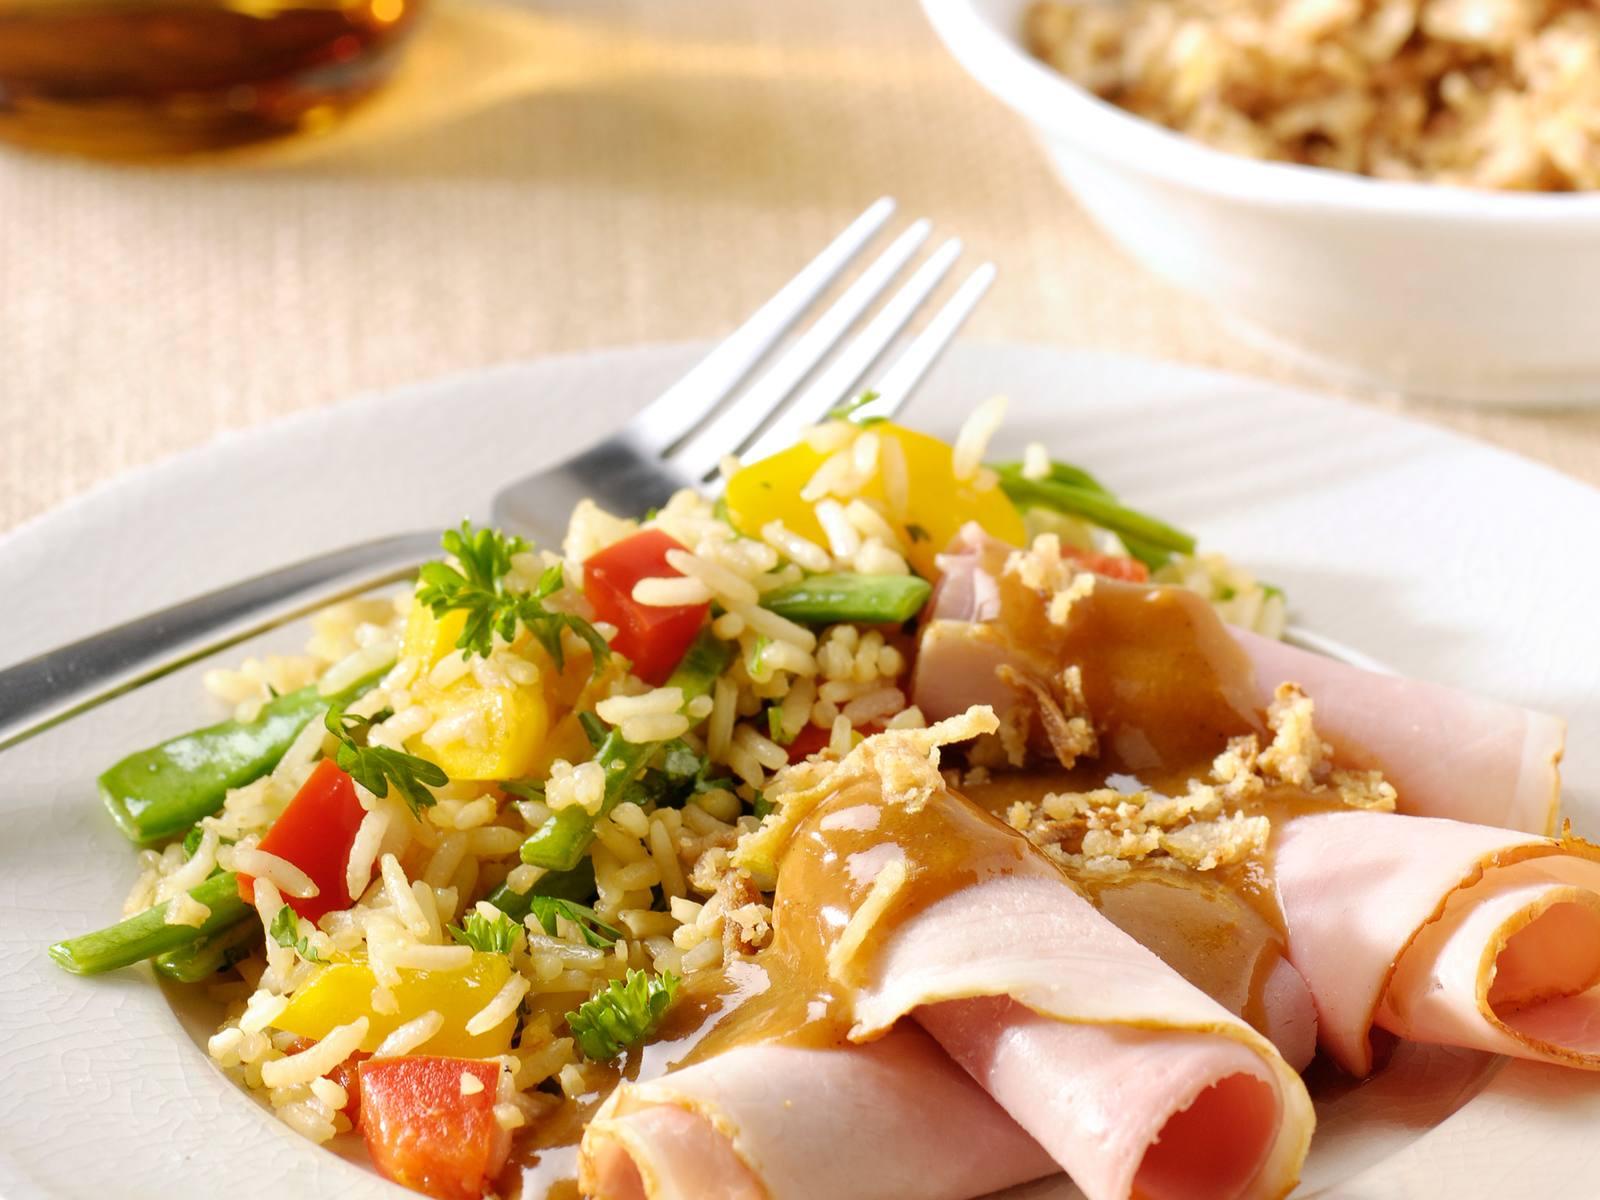 Rijstsalade met snijboontjes, ham en satésaus